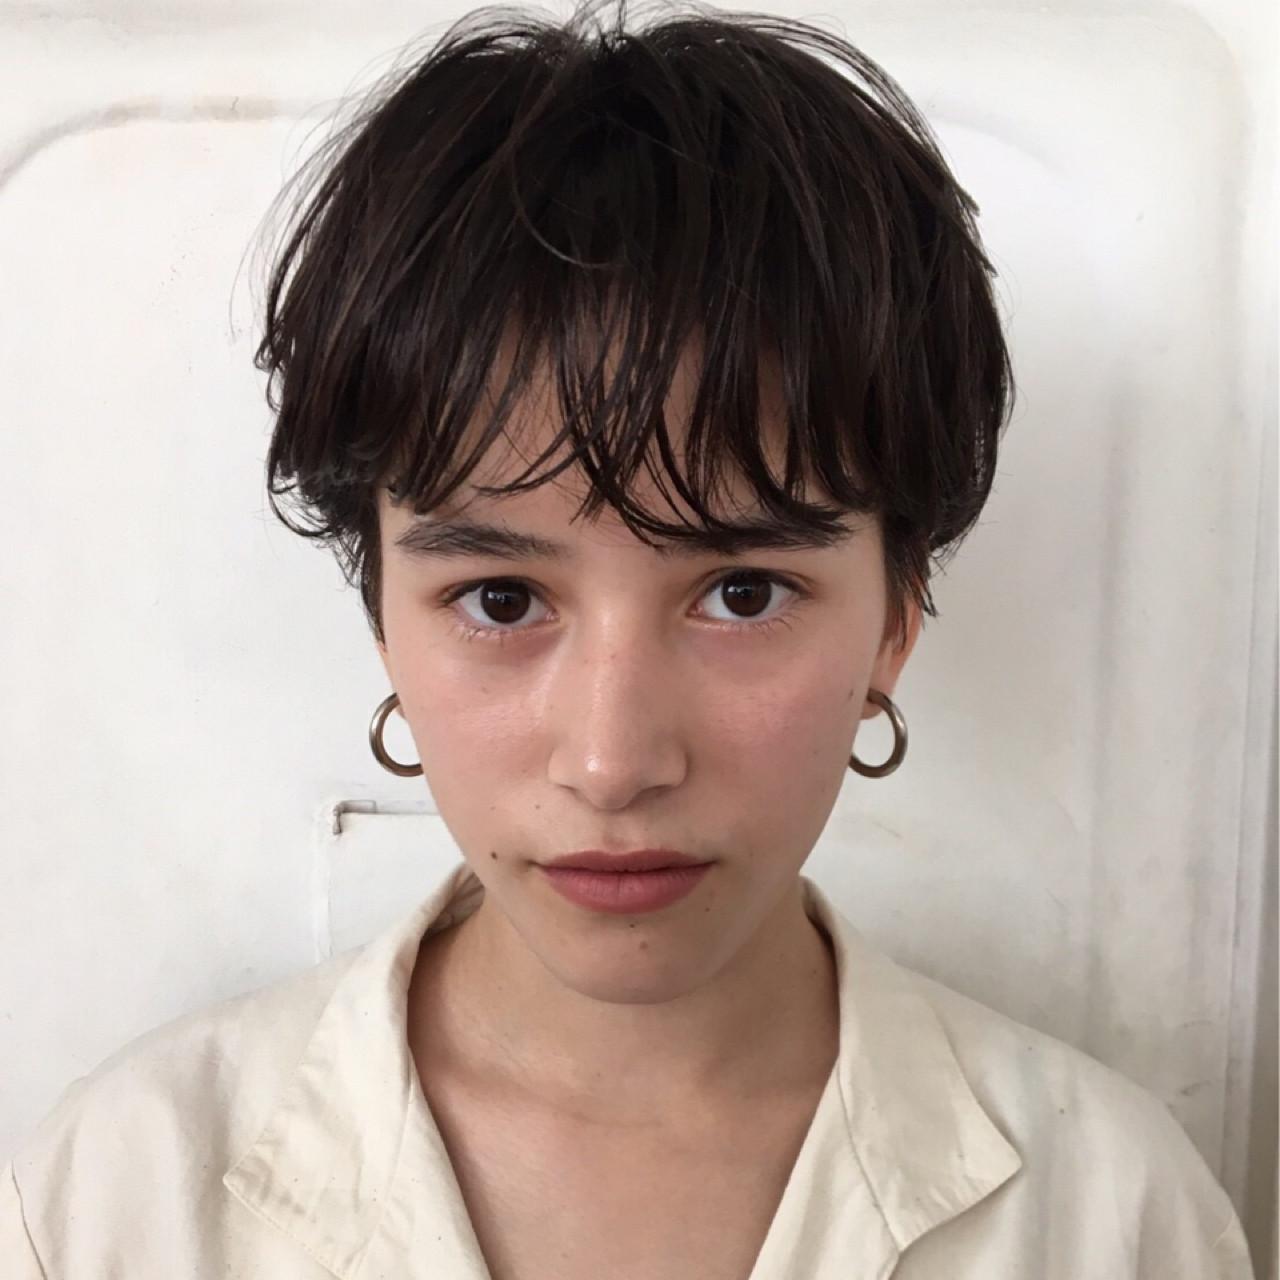 ベリーショートのパーマスタイルで強めな女性像を演出 高橋 忍nanuk渋谷店(ナヌーク)